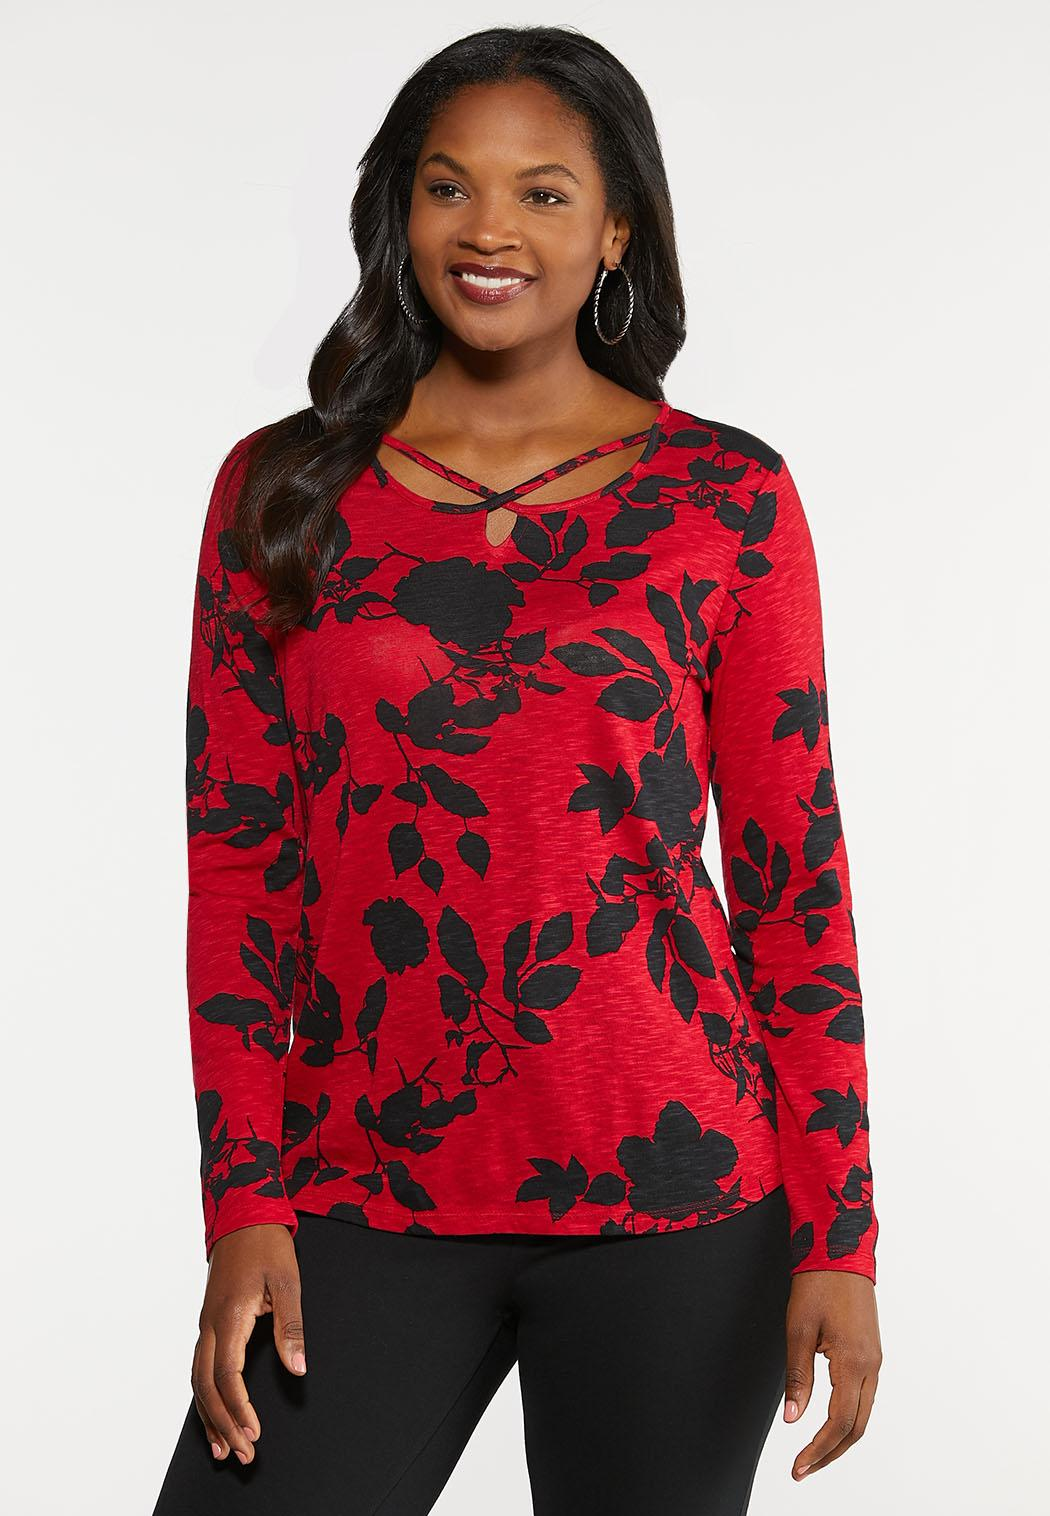 Plus Size Cross Neck Floral Top